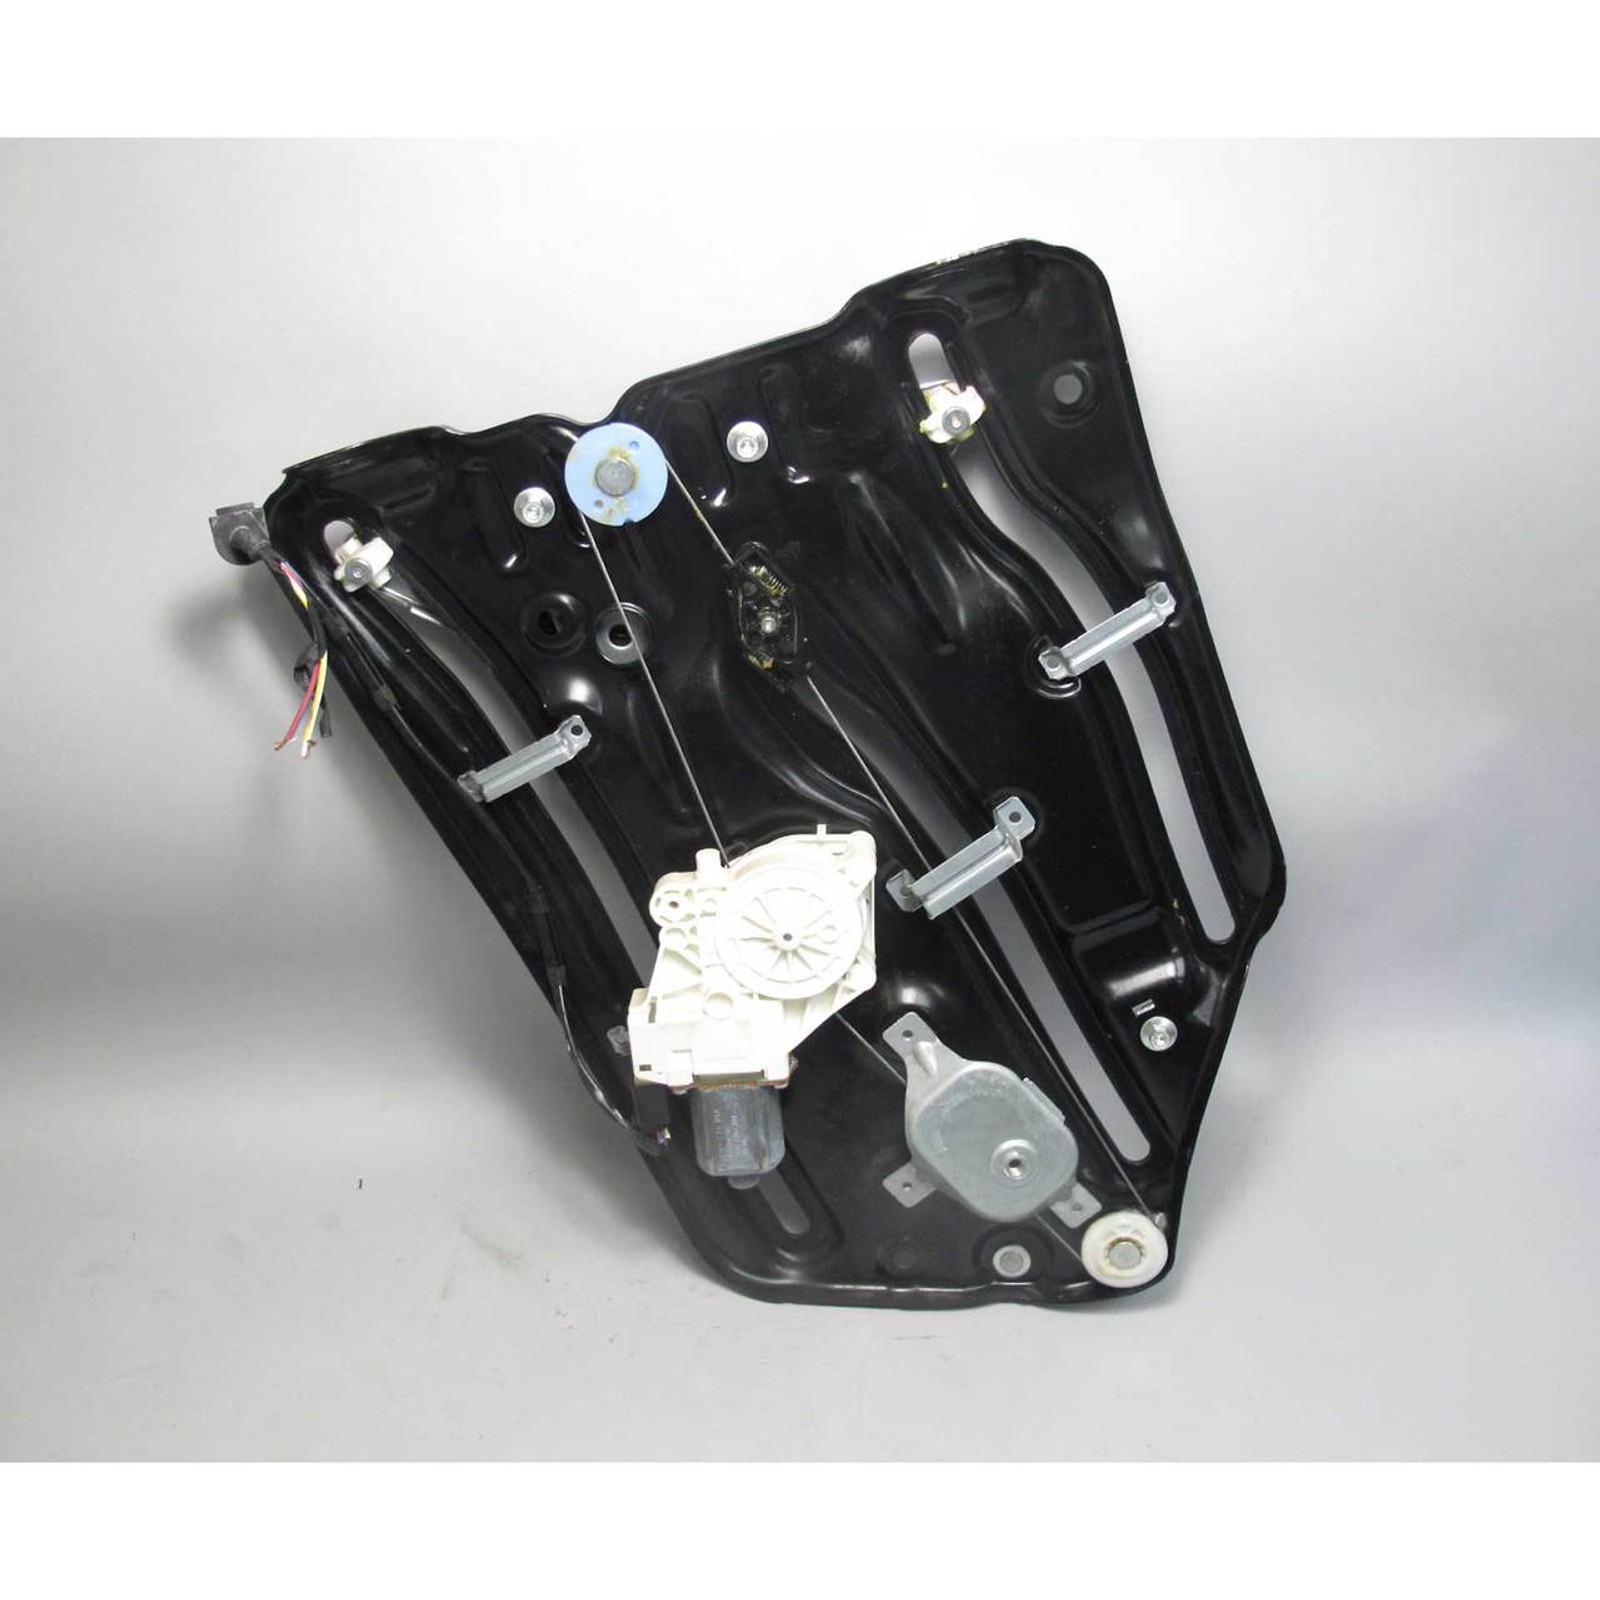 07 13 Bmw E93 3 Series Convertible Right Rear Passenger Window Regulator Lifter